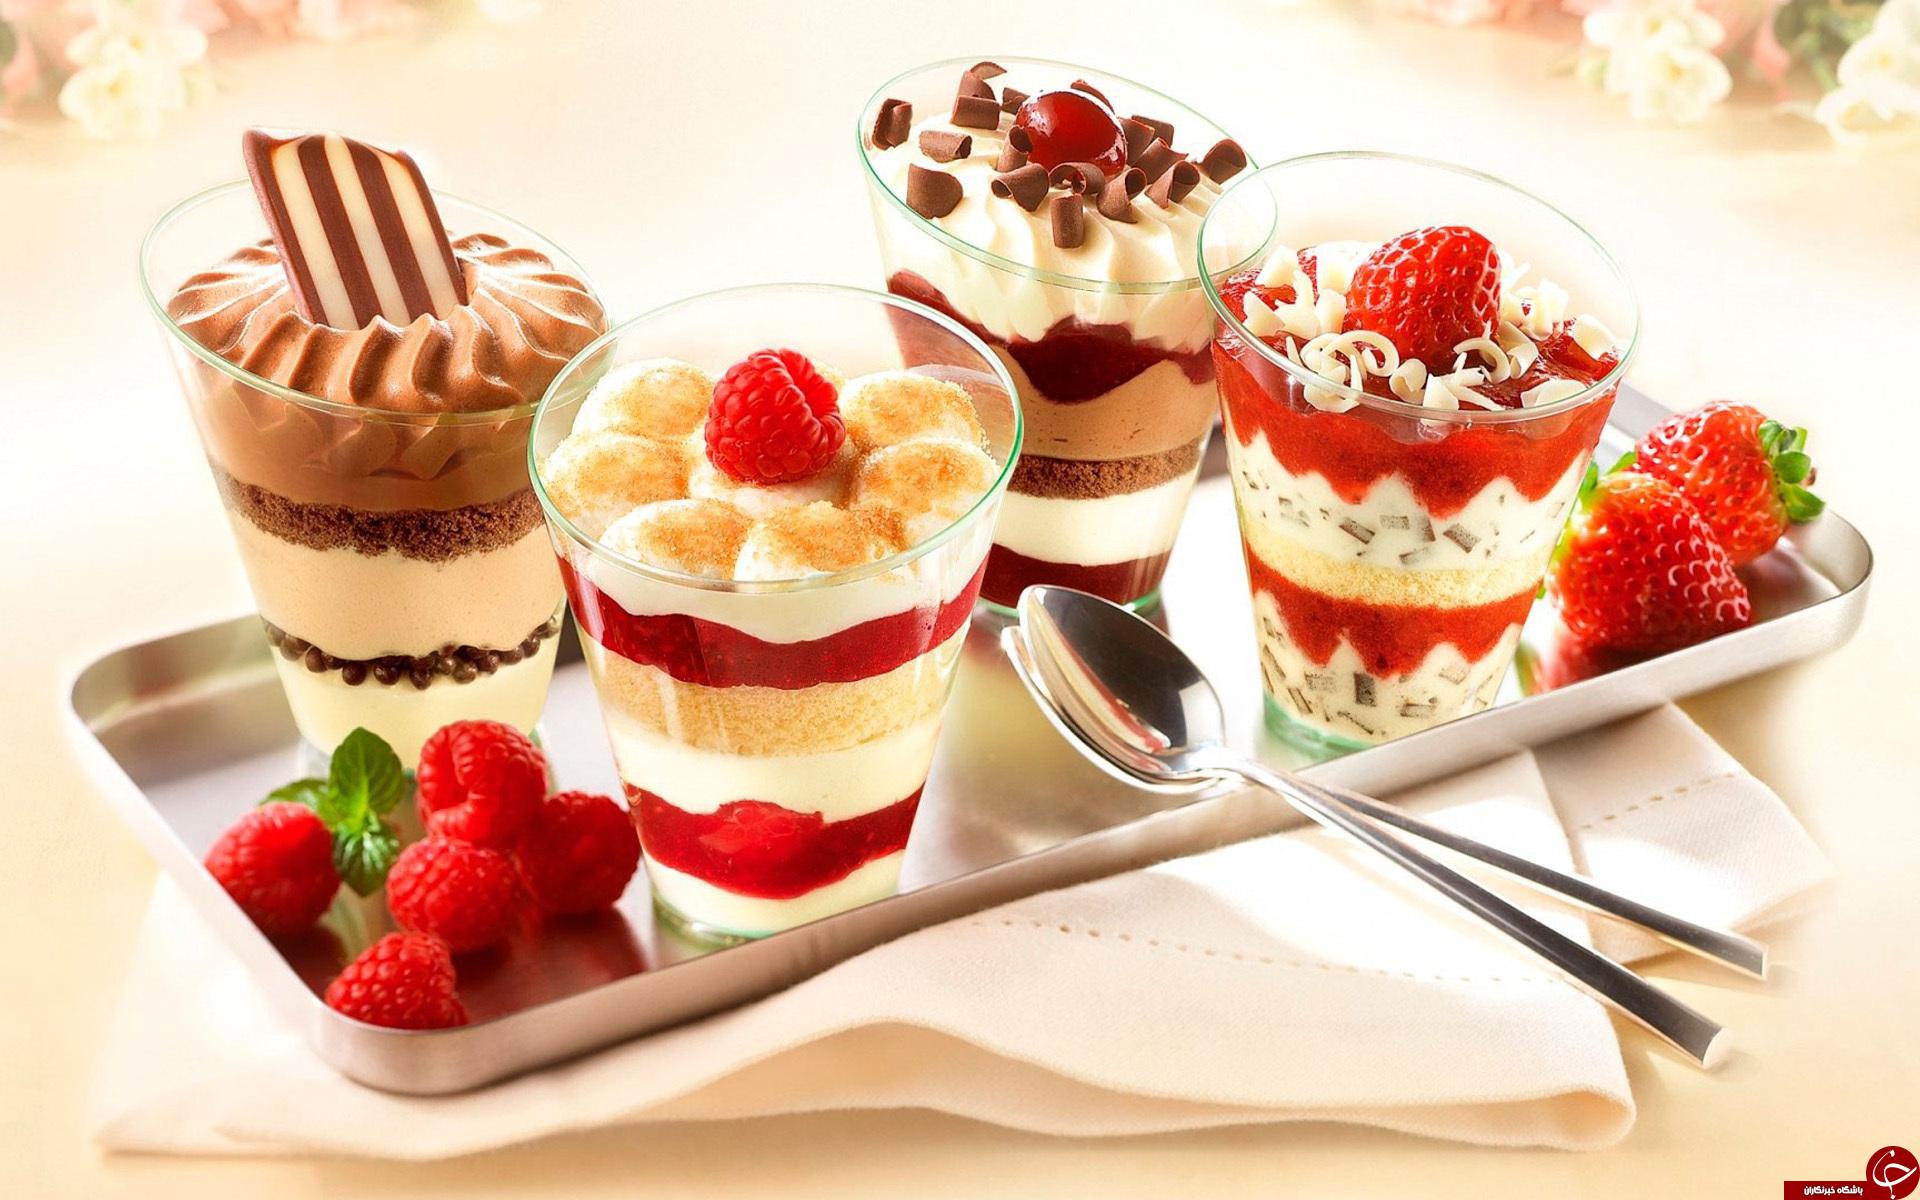 طرز تهیه بستنی میوه ای یکی از مقوی ترین بستنی های دلچسب تابستانی